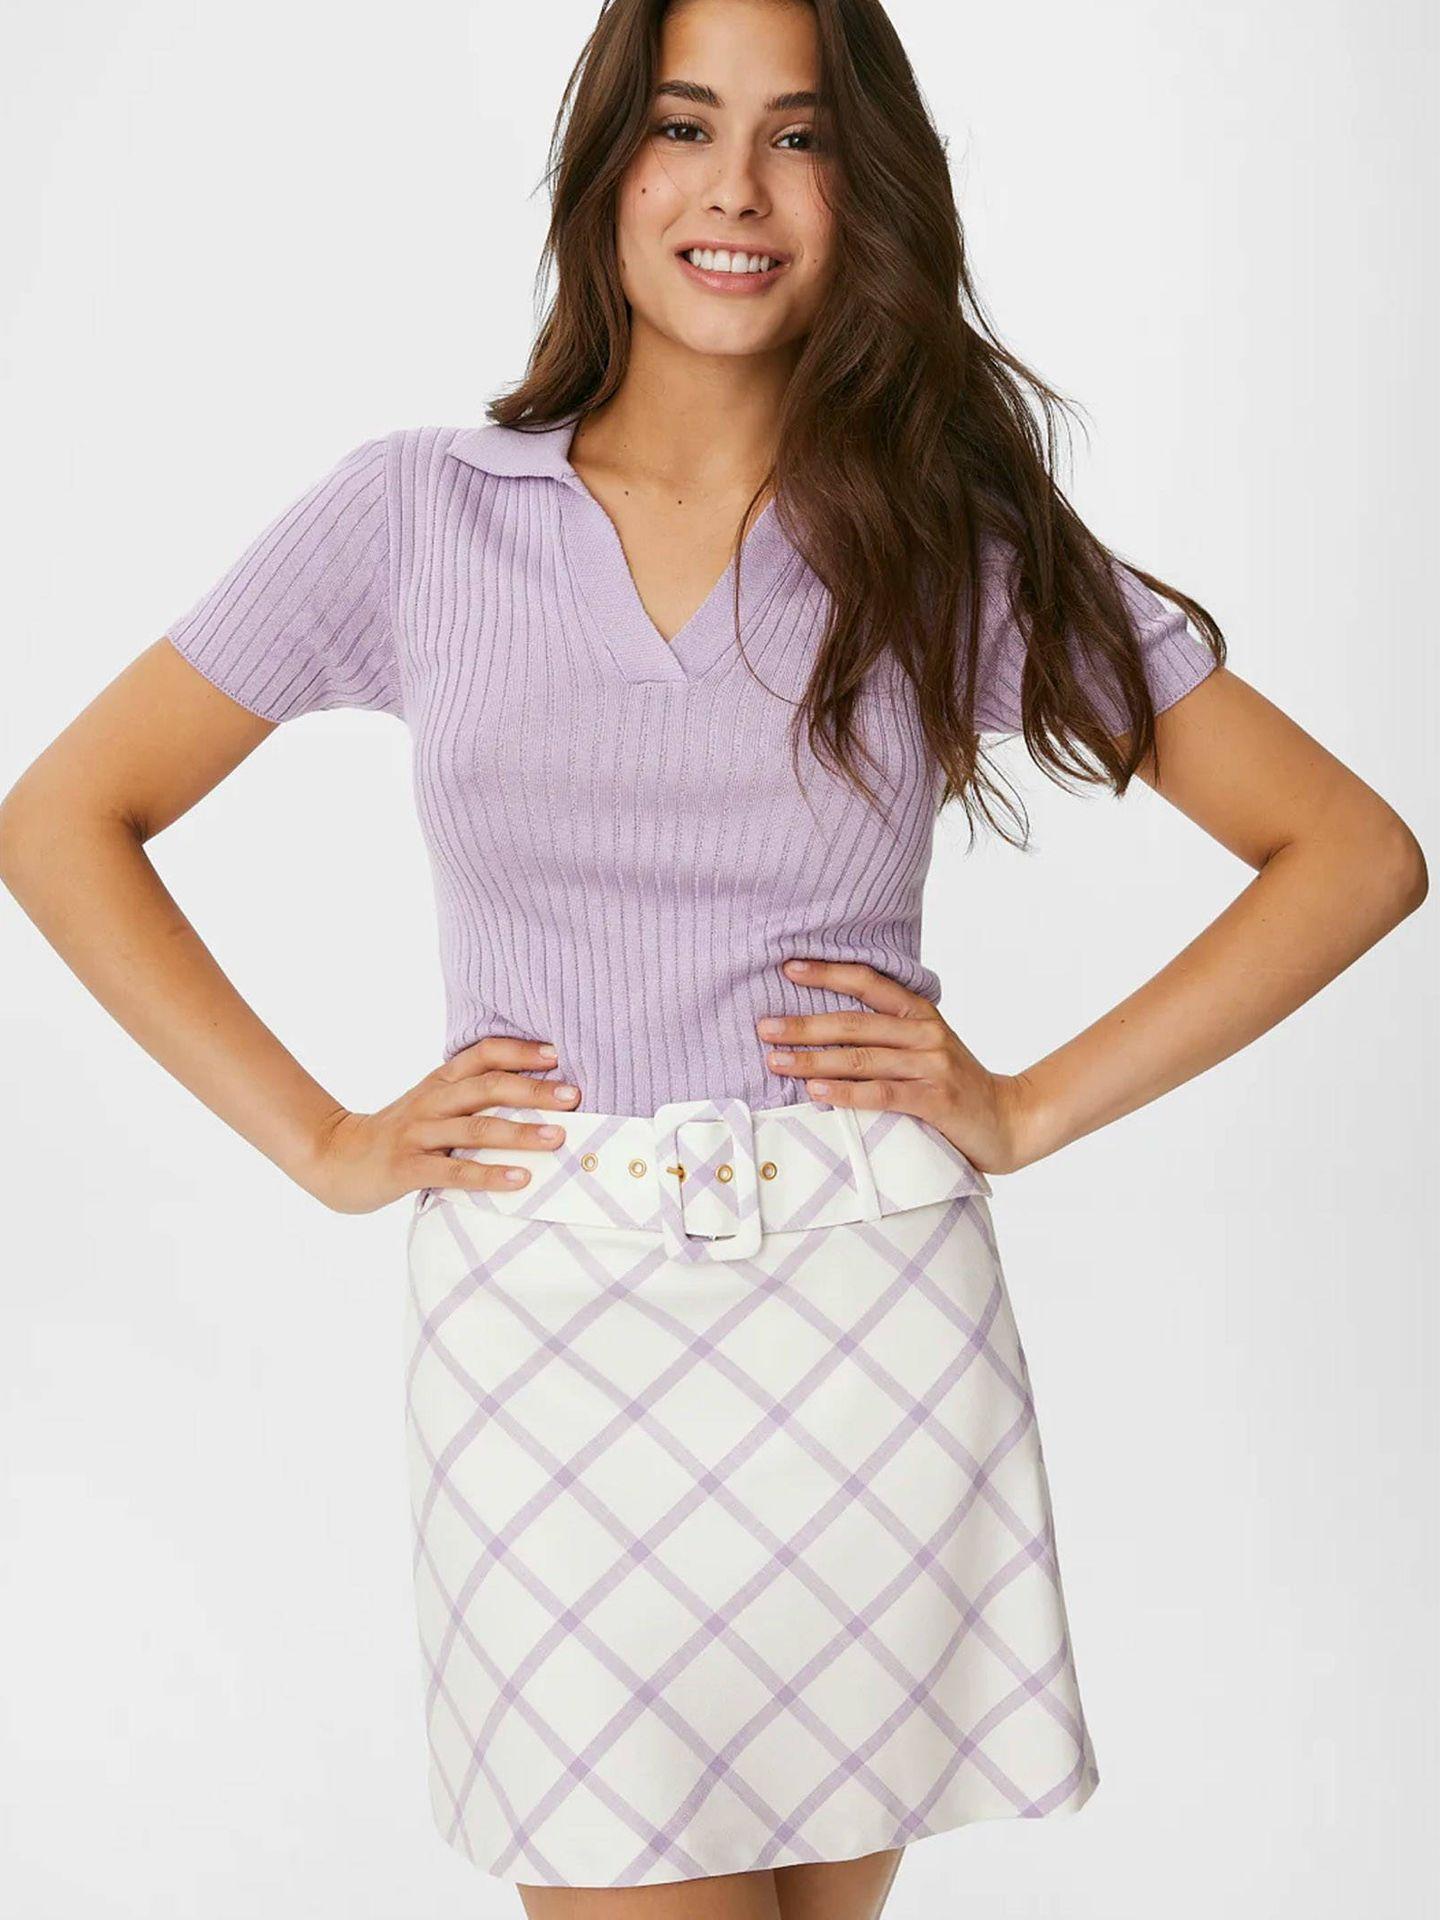 Falda de CyA. (Cortesía)